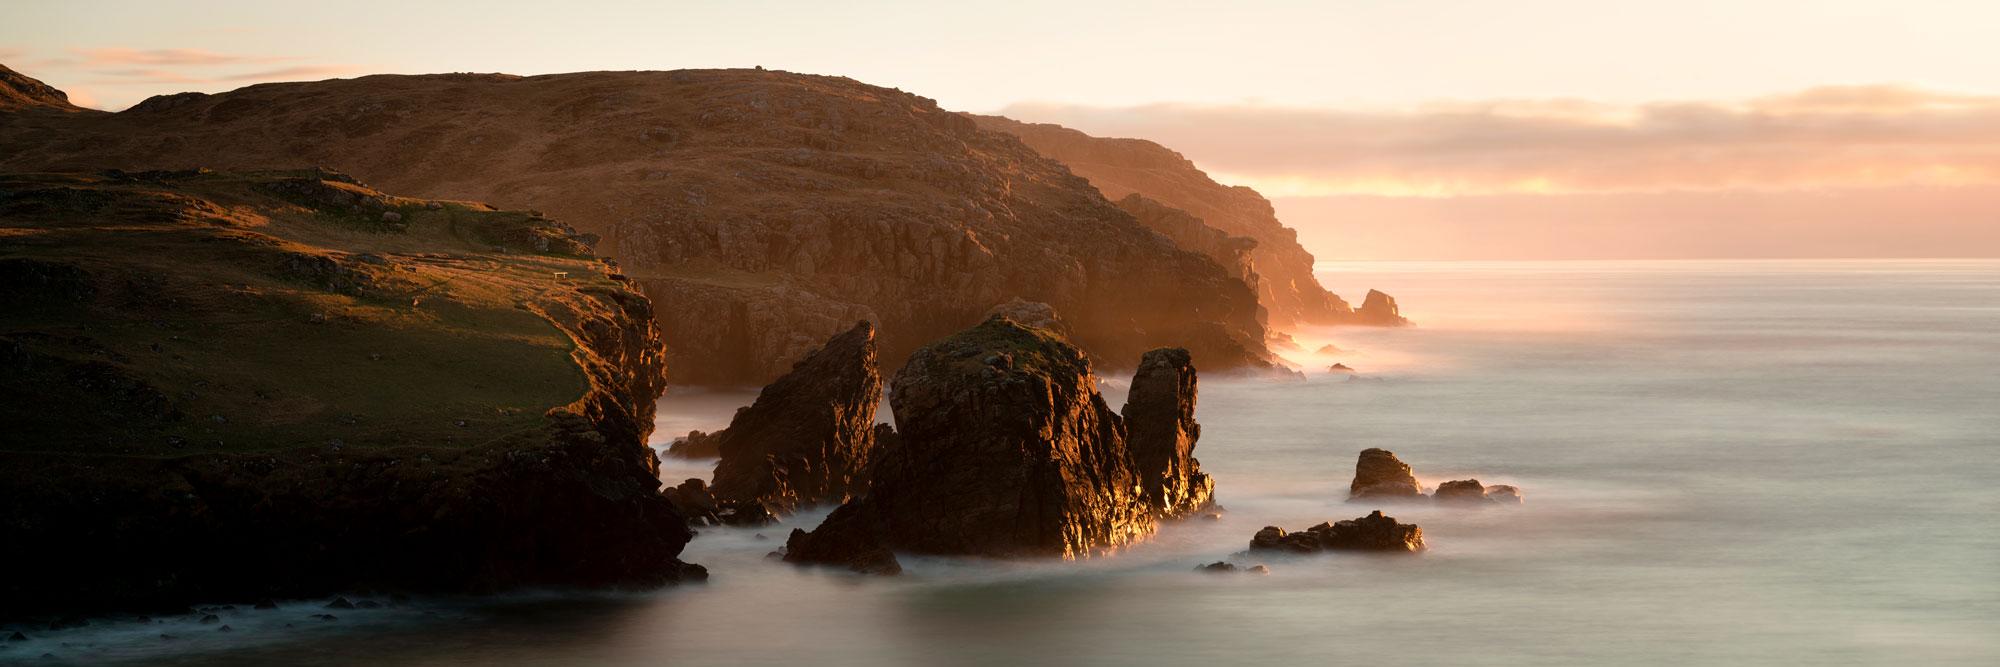 Hebrides cliffs Scotland